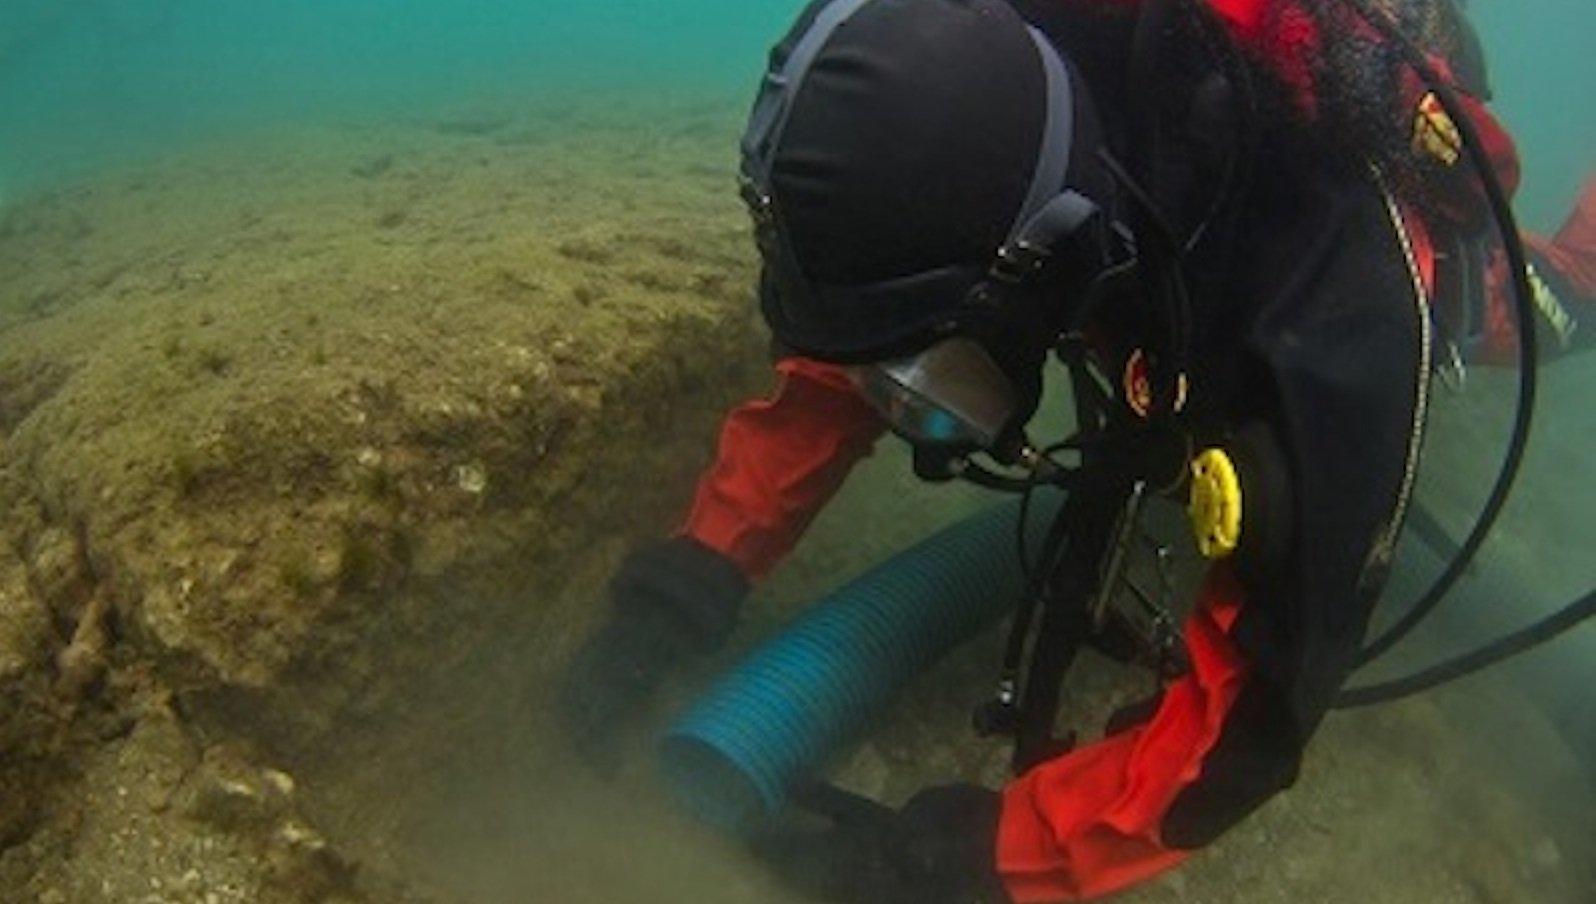 Die Archäologen mussten meist unter Wasser arbeiten – überwiegend mit einer Sicht von gerade mal 20 cm. Am Tag der Aufnahme fanden sie ausnahmsweise einmal bessere Verhältnisse vor.